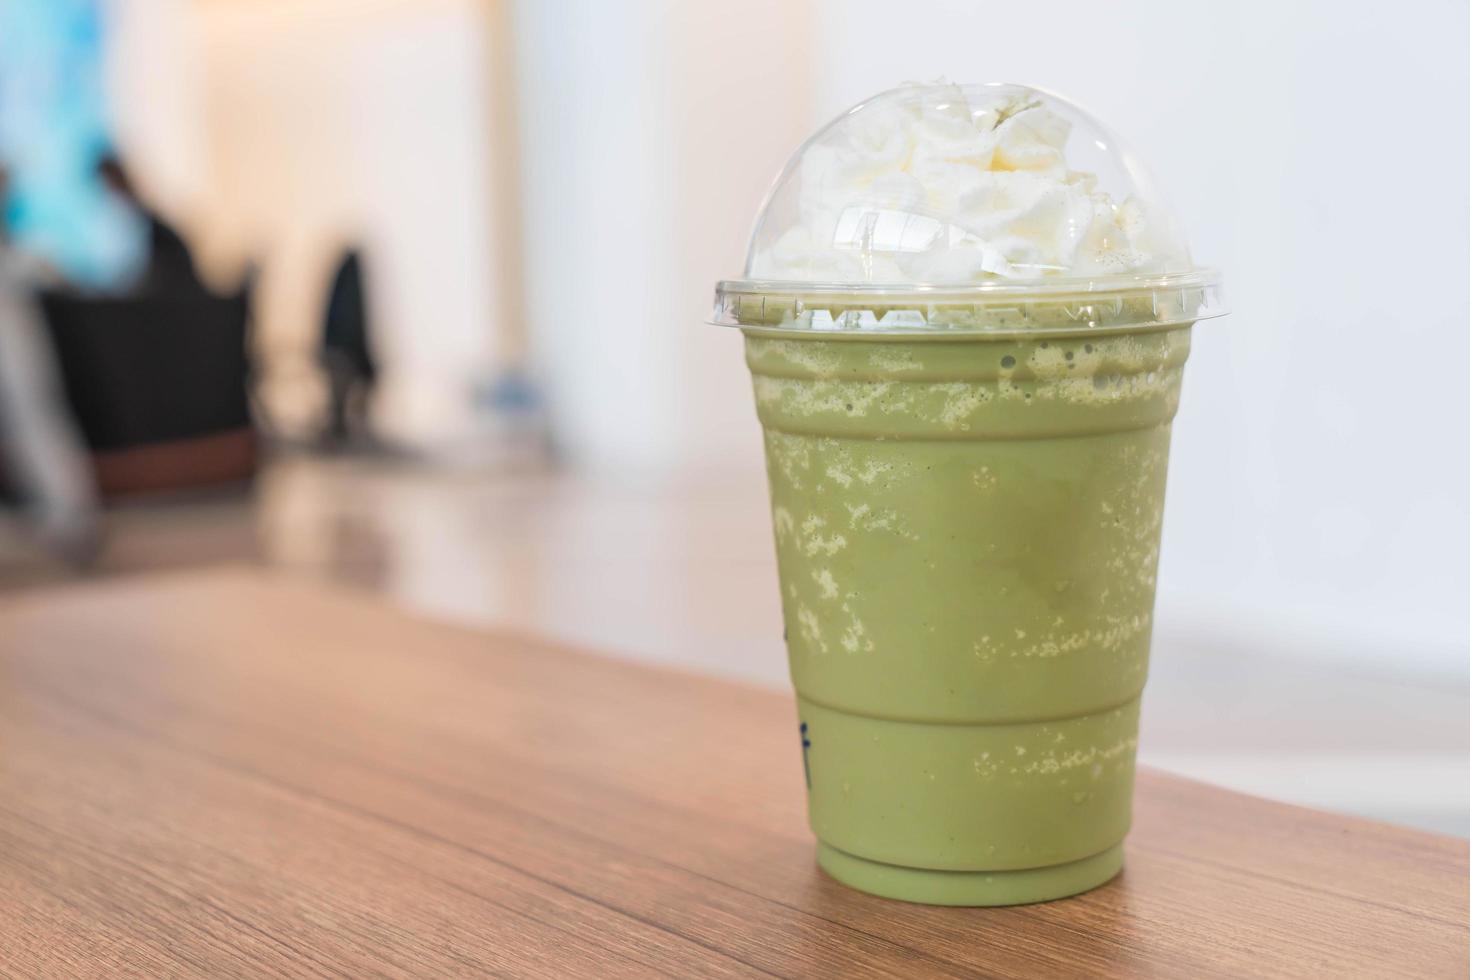 frappe al latte al tè verde foto